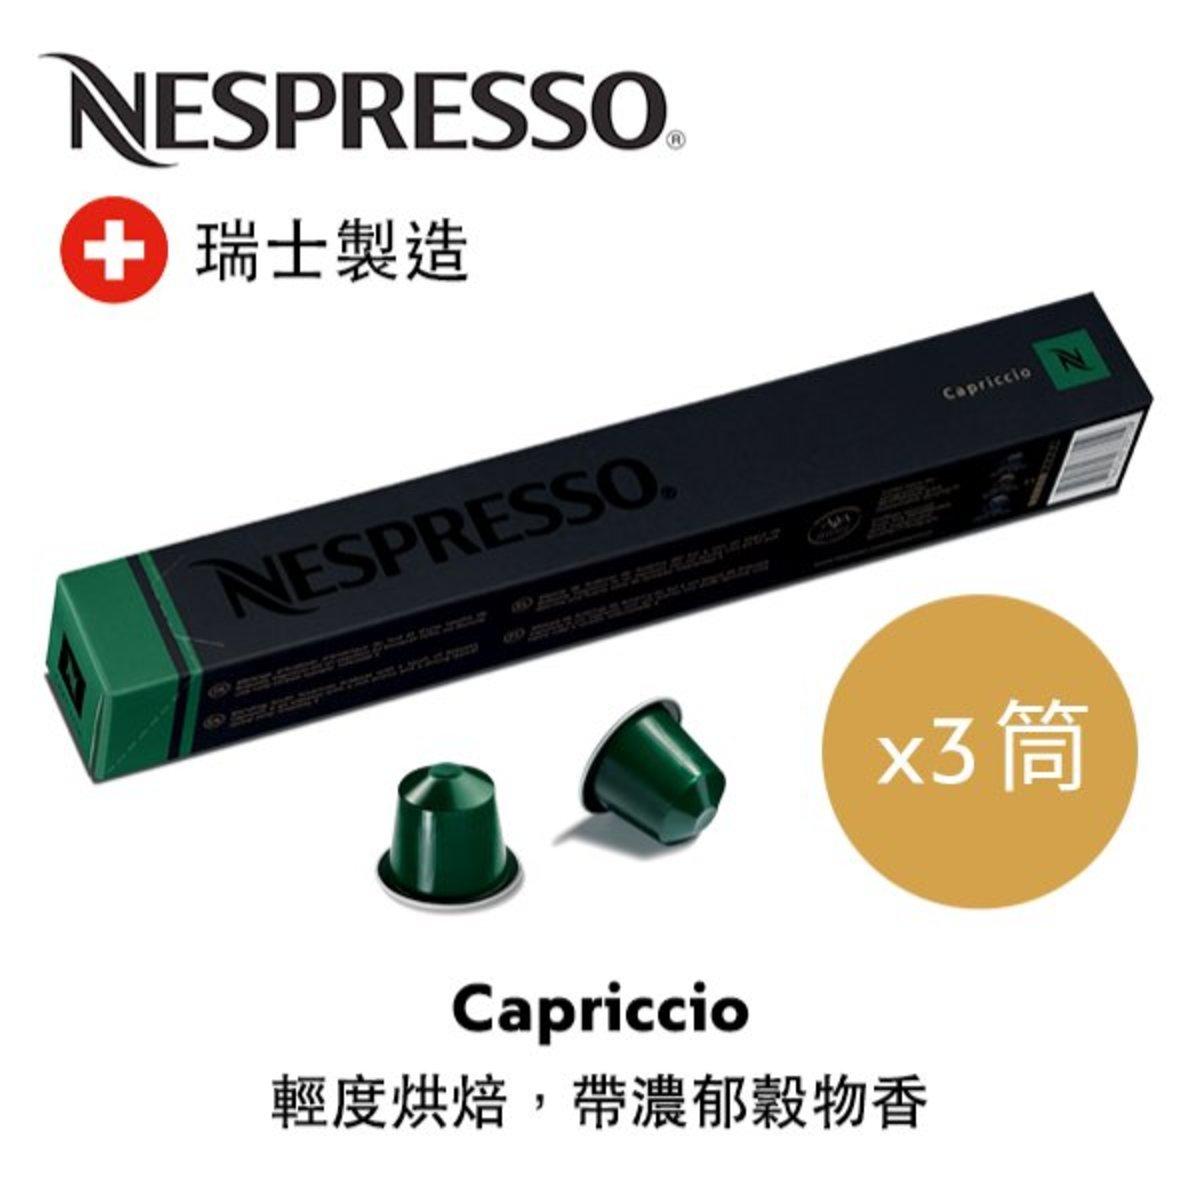 Capriccio Coffee Capsules x 3 sleeves- Espresso (10 capsules per sleeve)